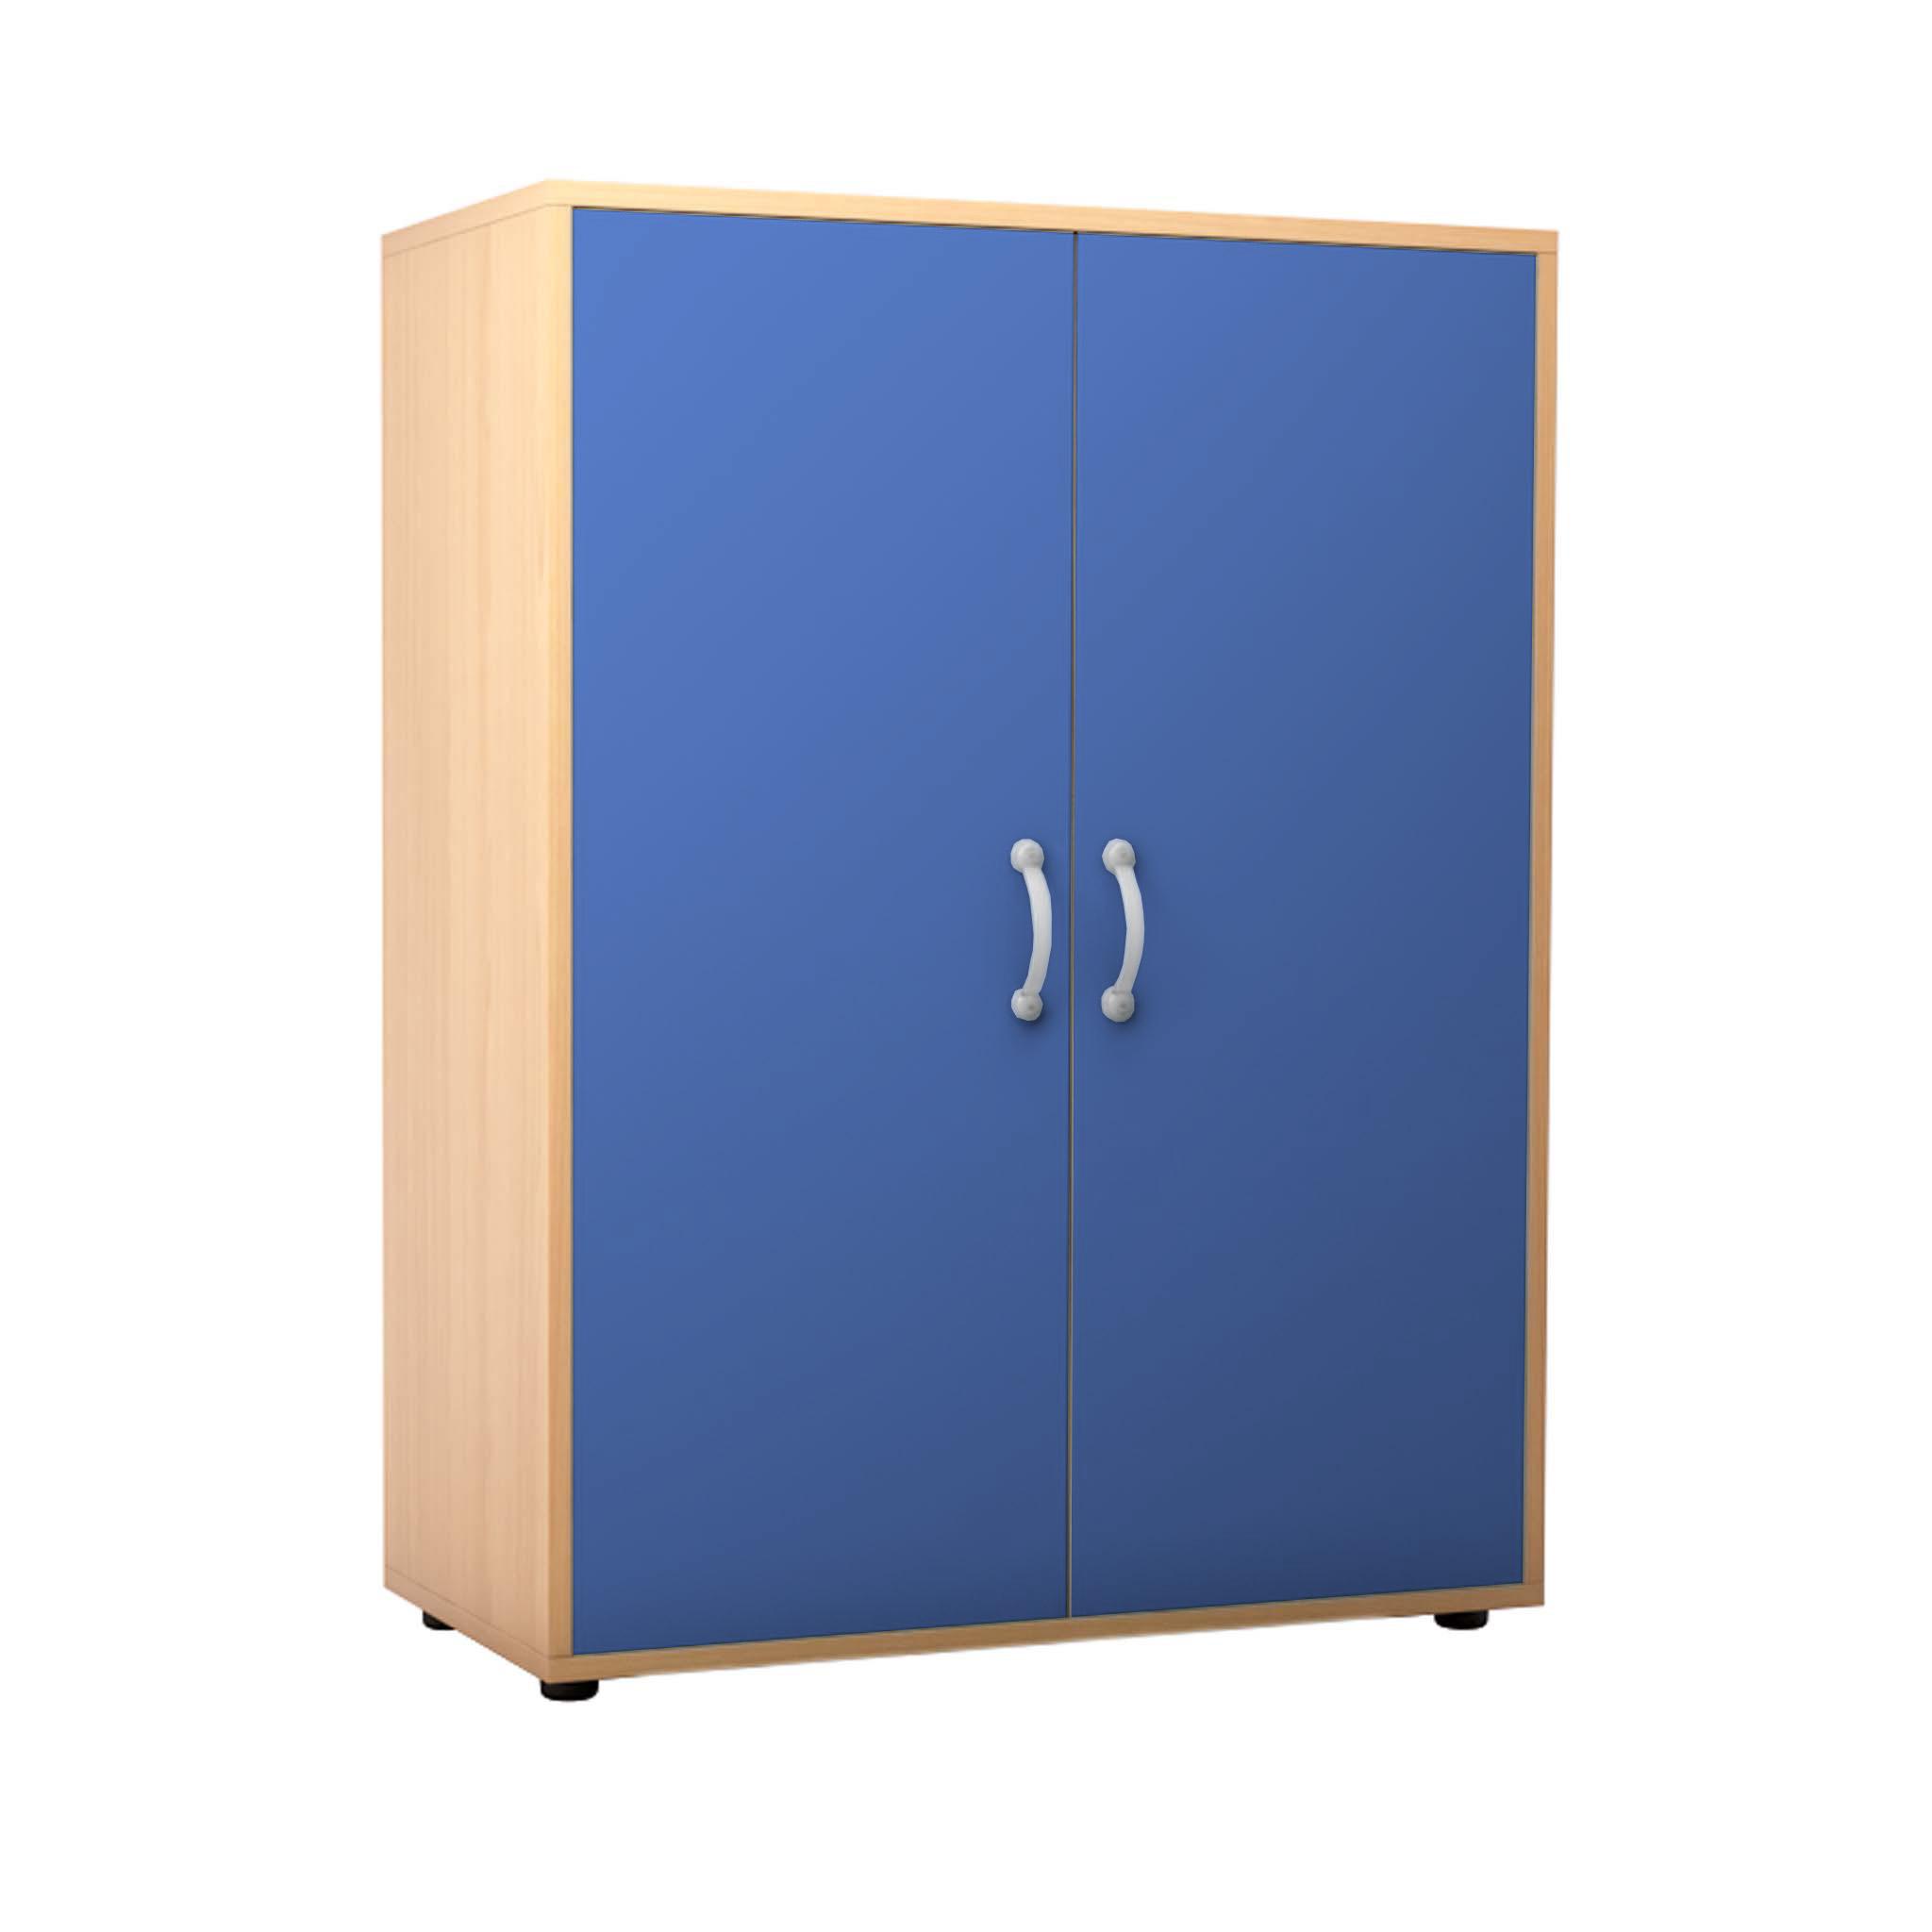 armari color blau